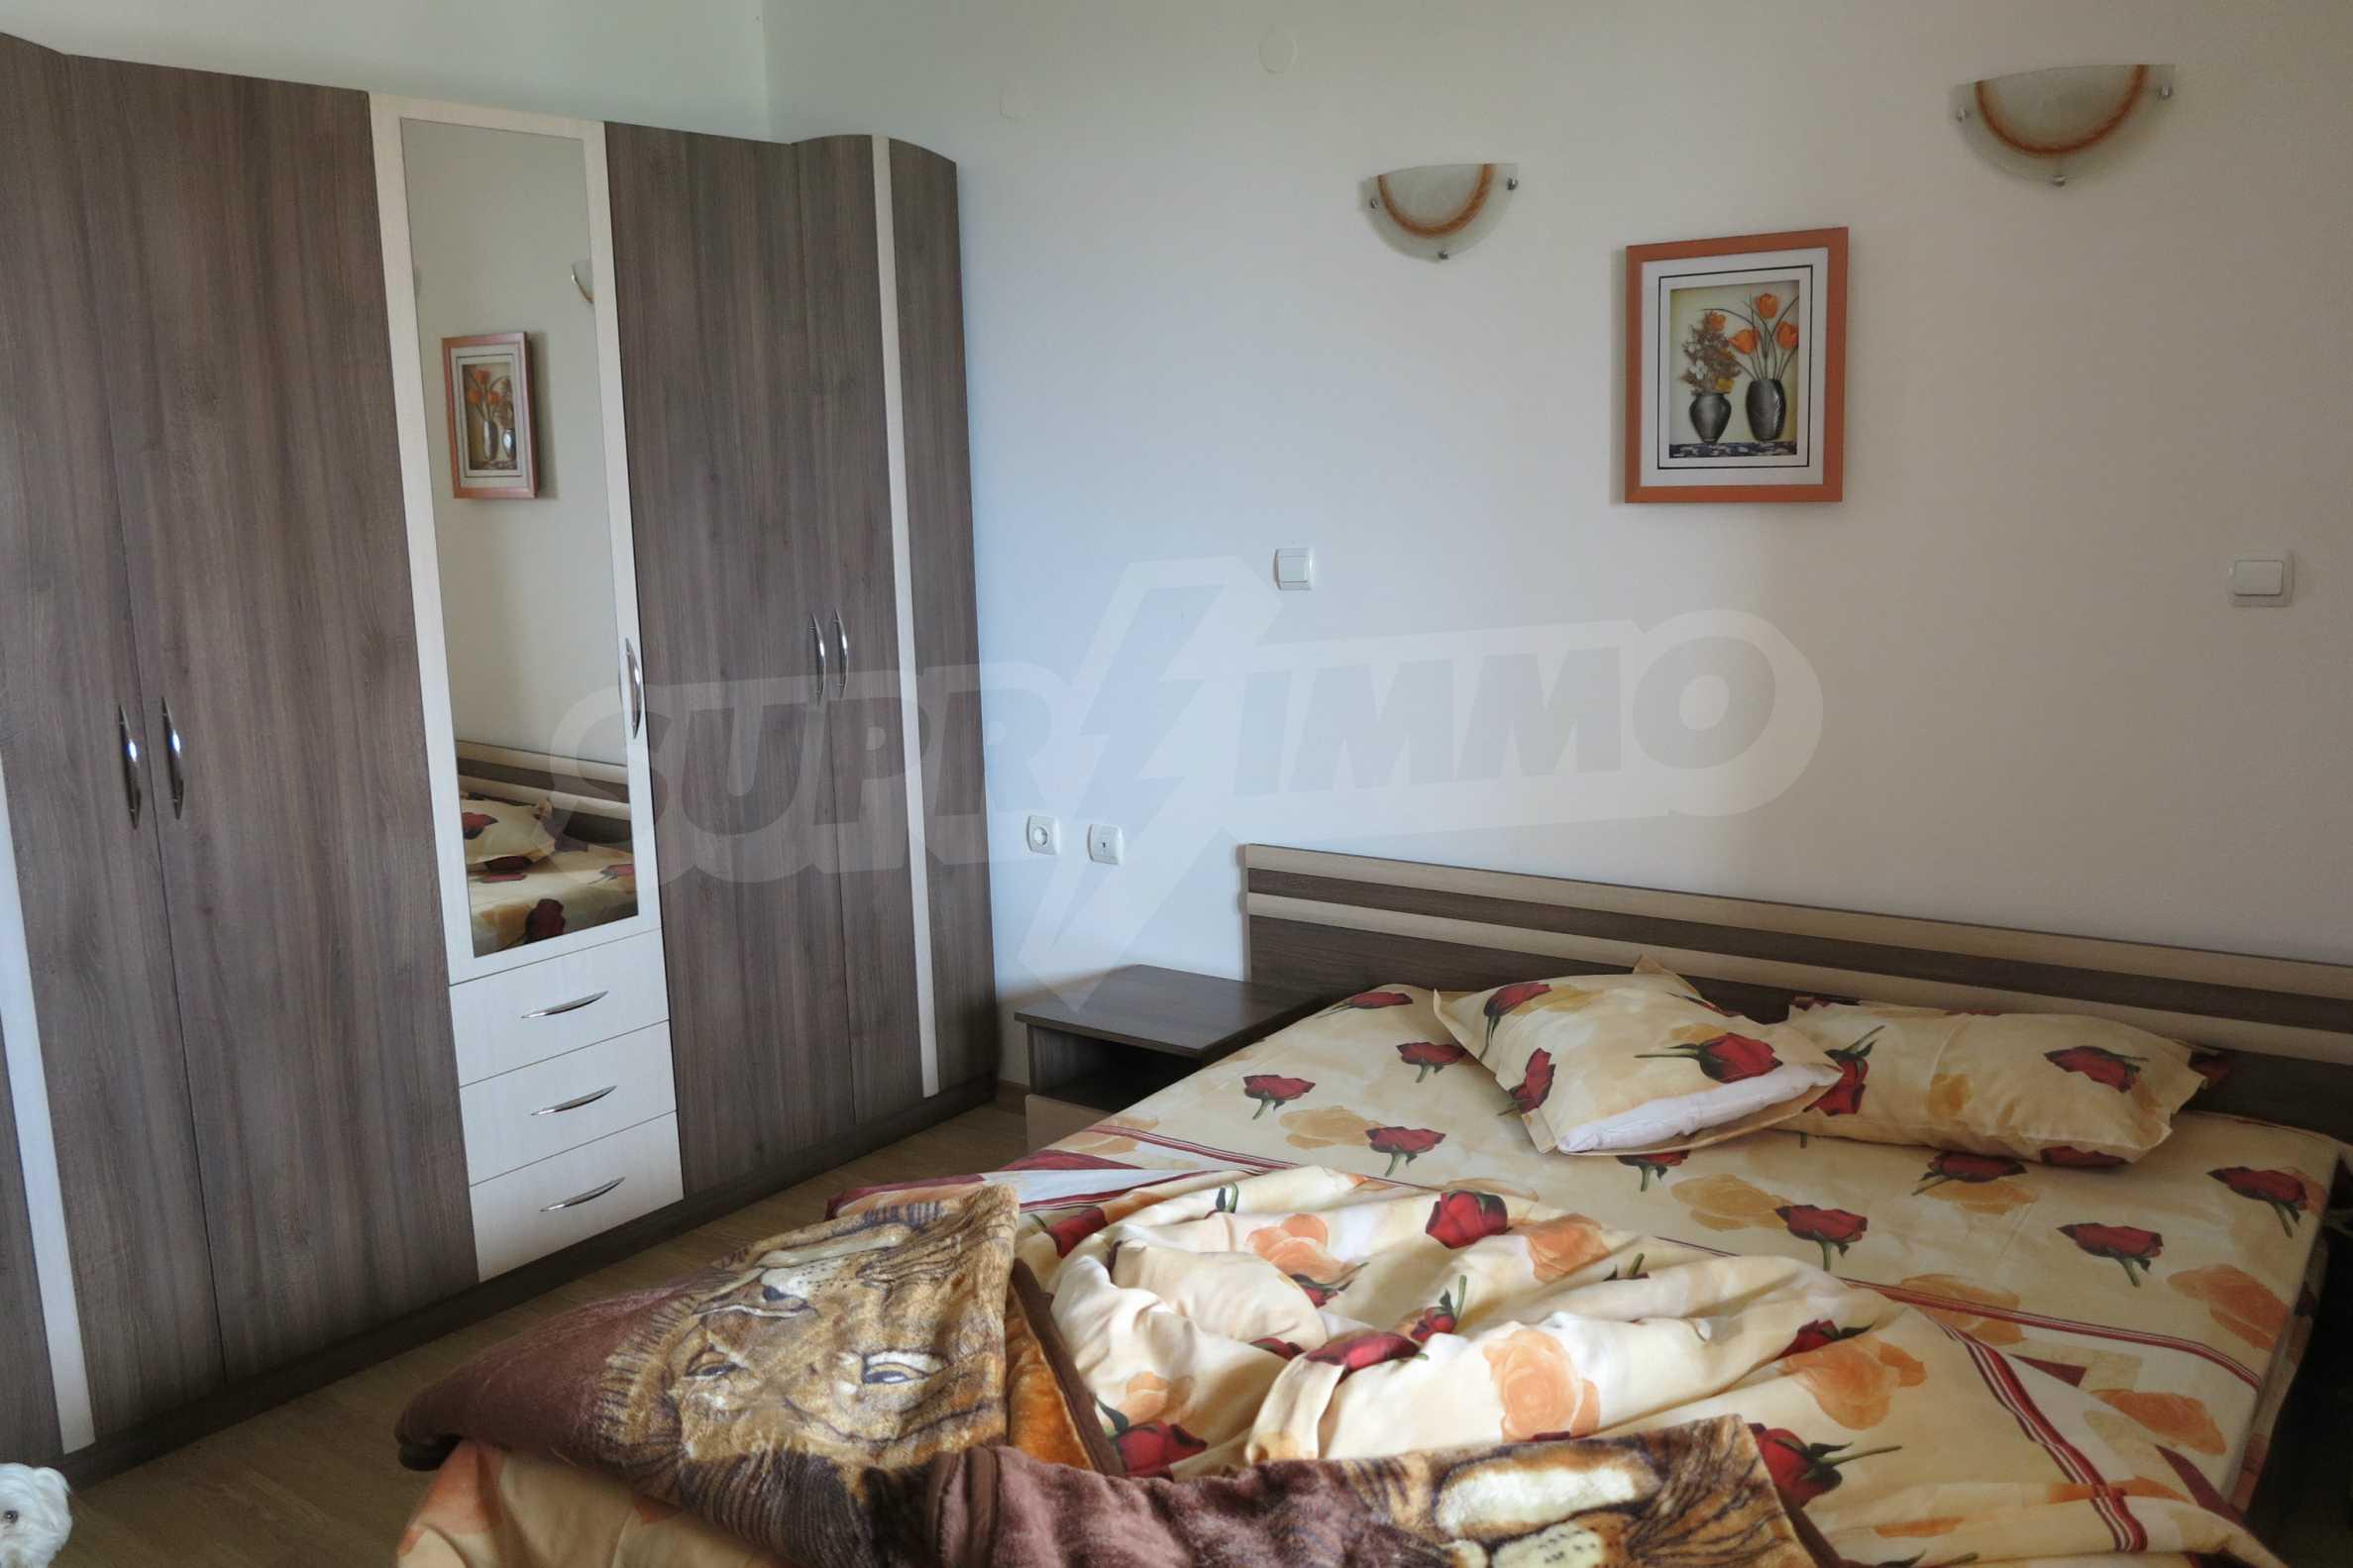 Двуетажна планинска къща с двор и лесен достъп до София 24